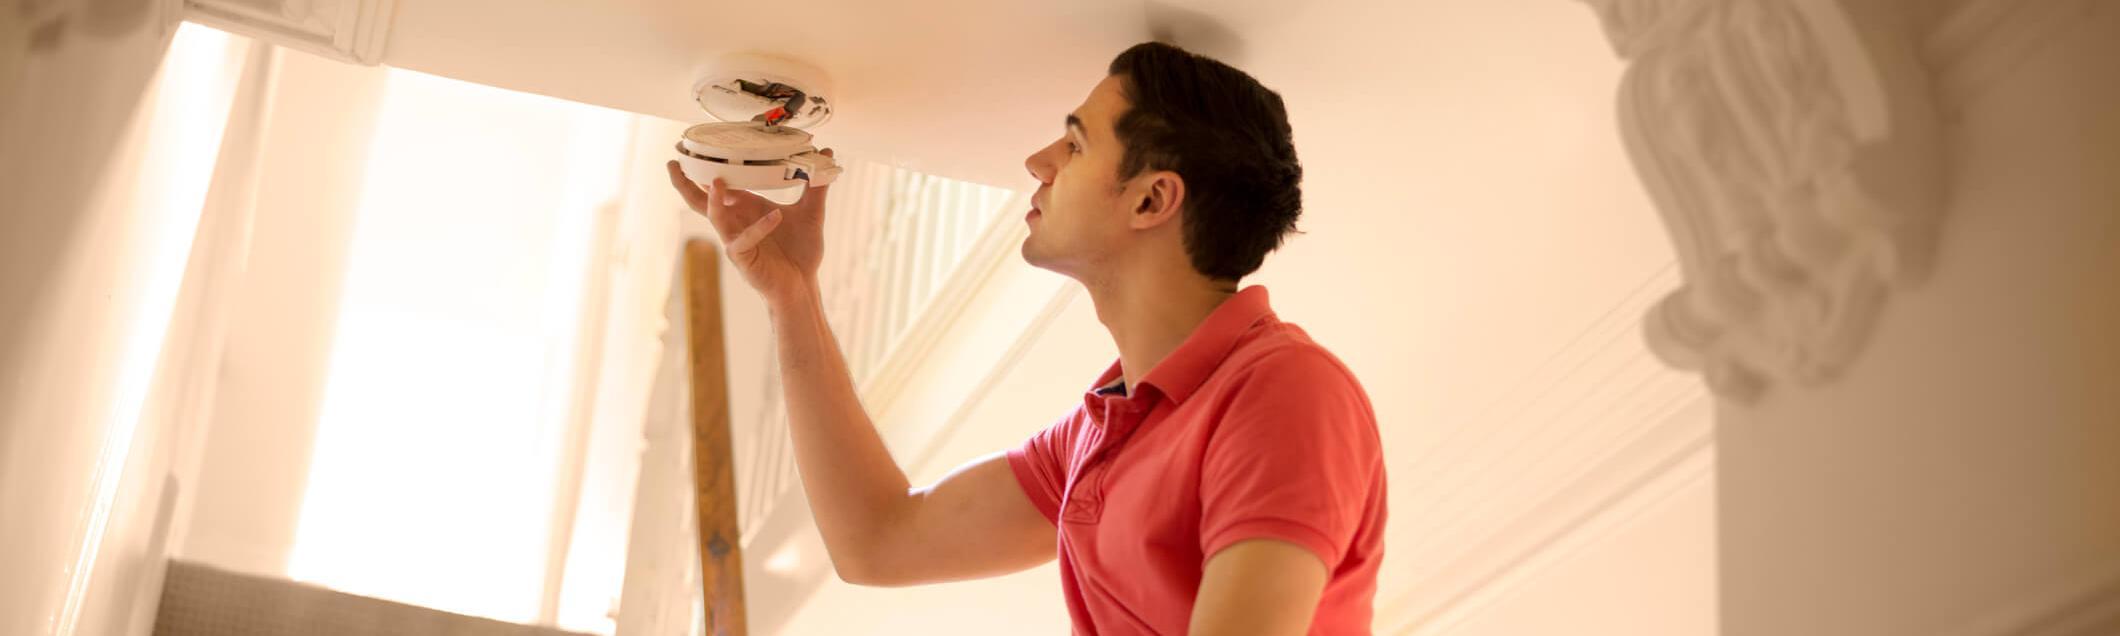 Choisir et installer son détecteur de fumée